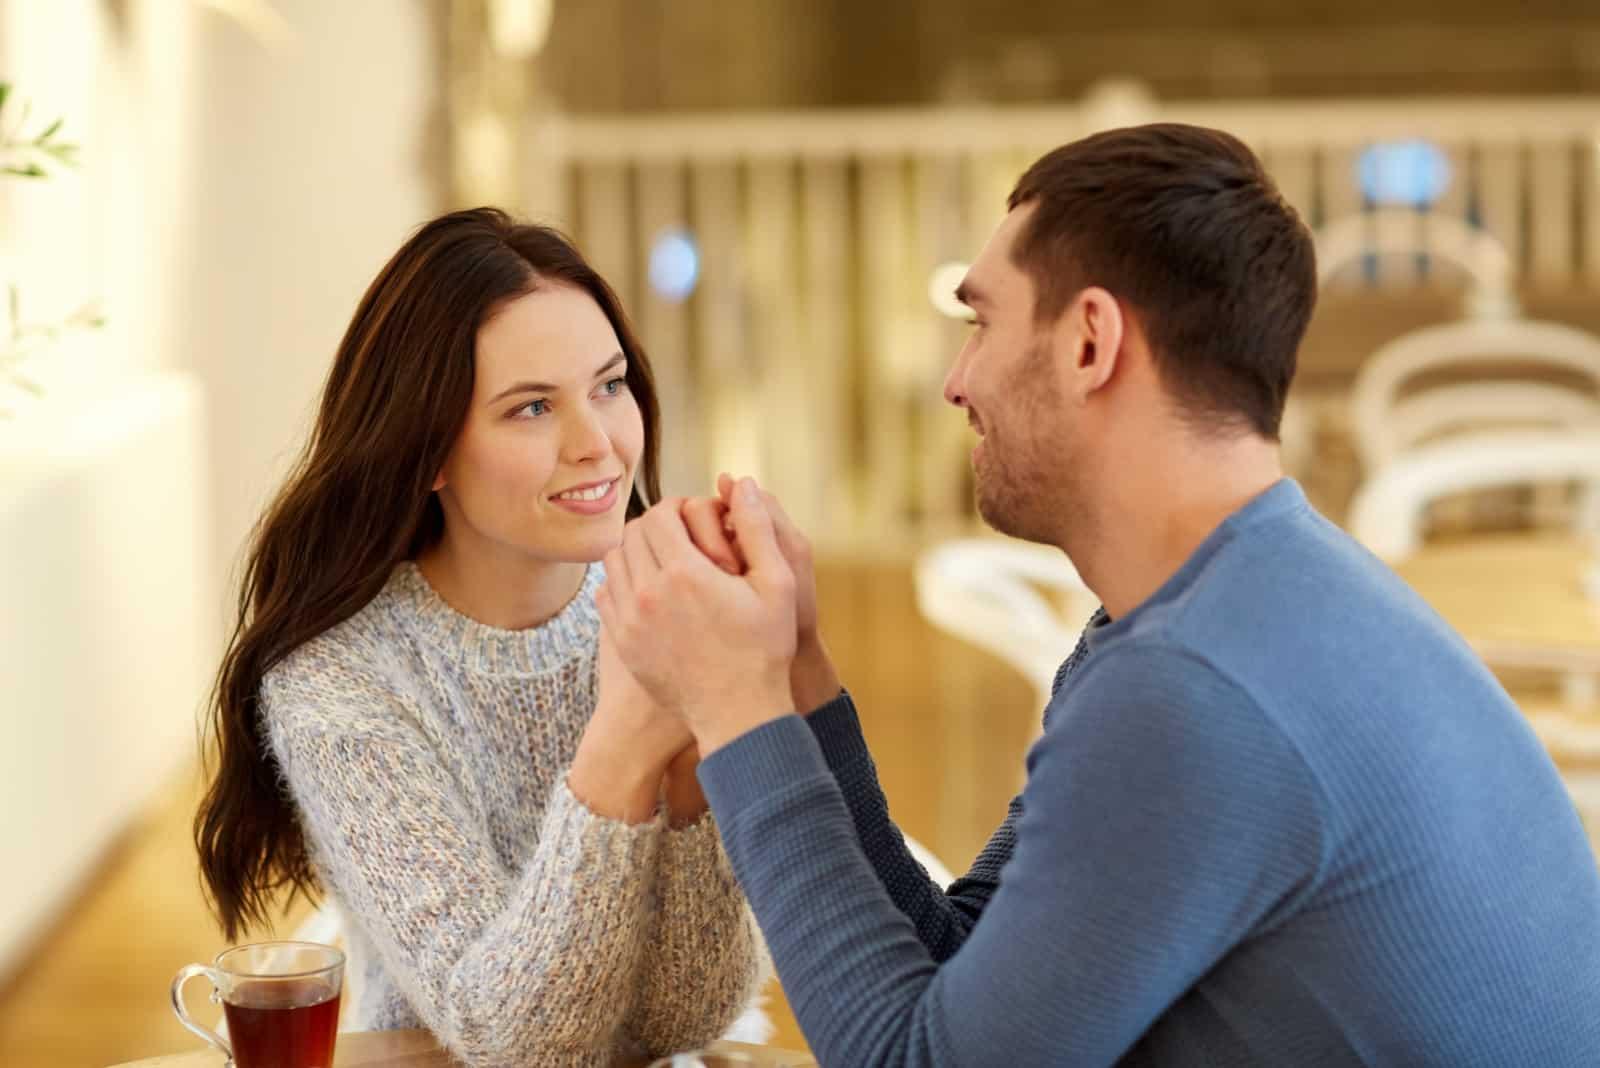 un couple d'amoureux assis se tenant la main pendant qu'ils parlent